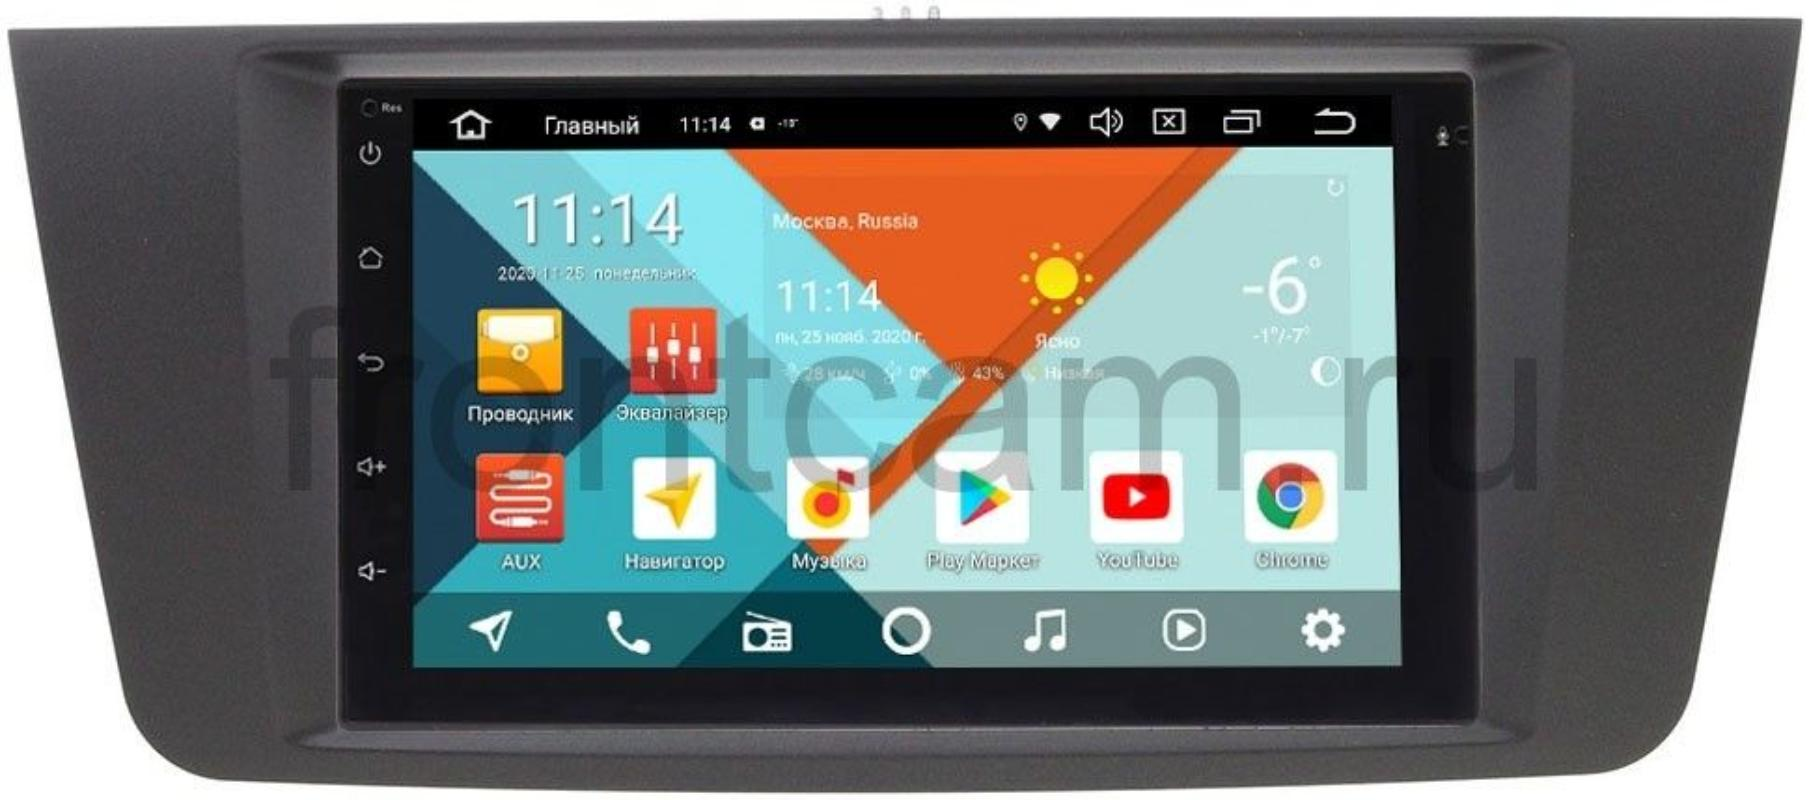 Магнитола в штатное место 2 din Geely Emgrand X7 Wide Media KS7001QR-3/32-RP-GLGX7-97 на Android 10 (DSP CarPlay 4G-SIM) (+ Камера заднего вида в подарок!)